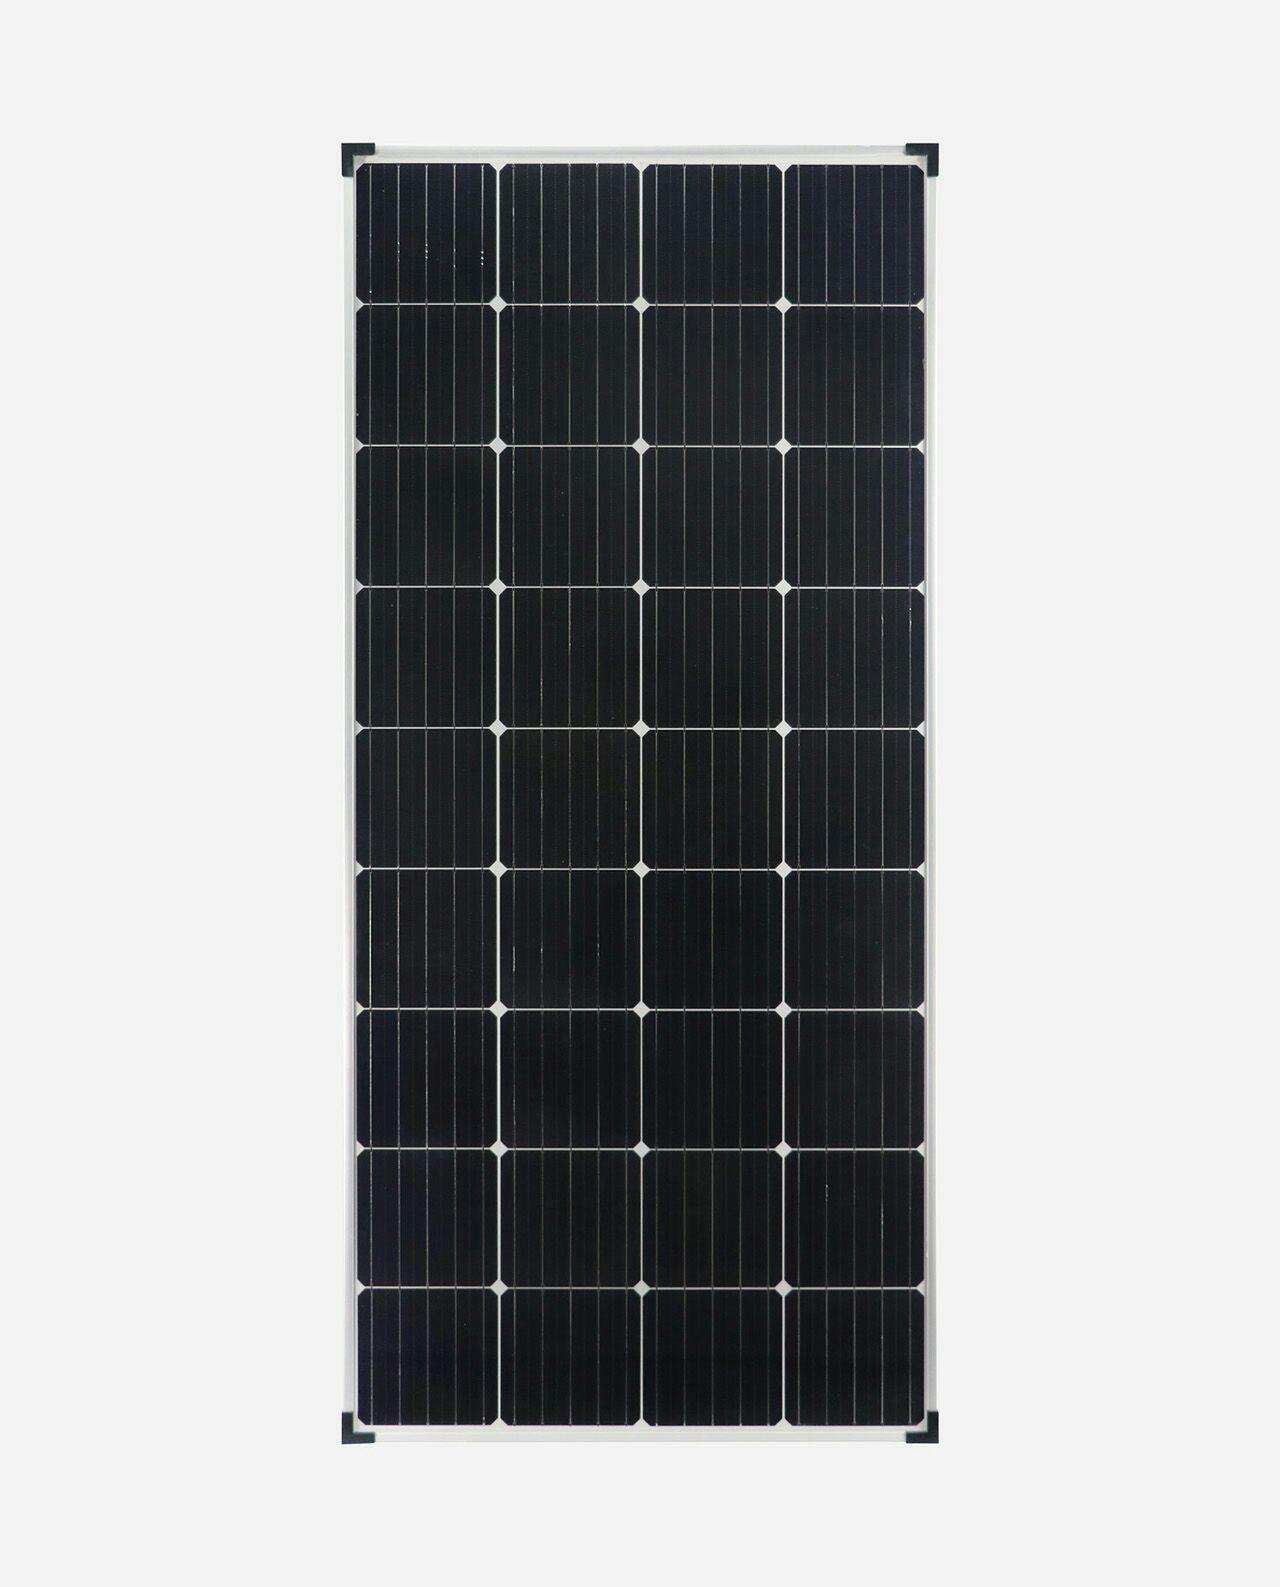 enjoysolar®Monokristallines Solarmodul Solarpanel 170W Mono 12V für unabhängige Stromerzeugung